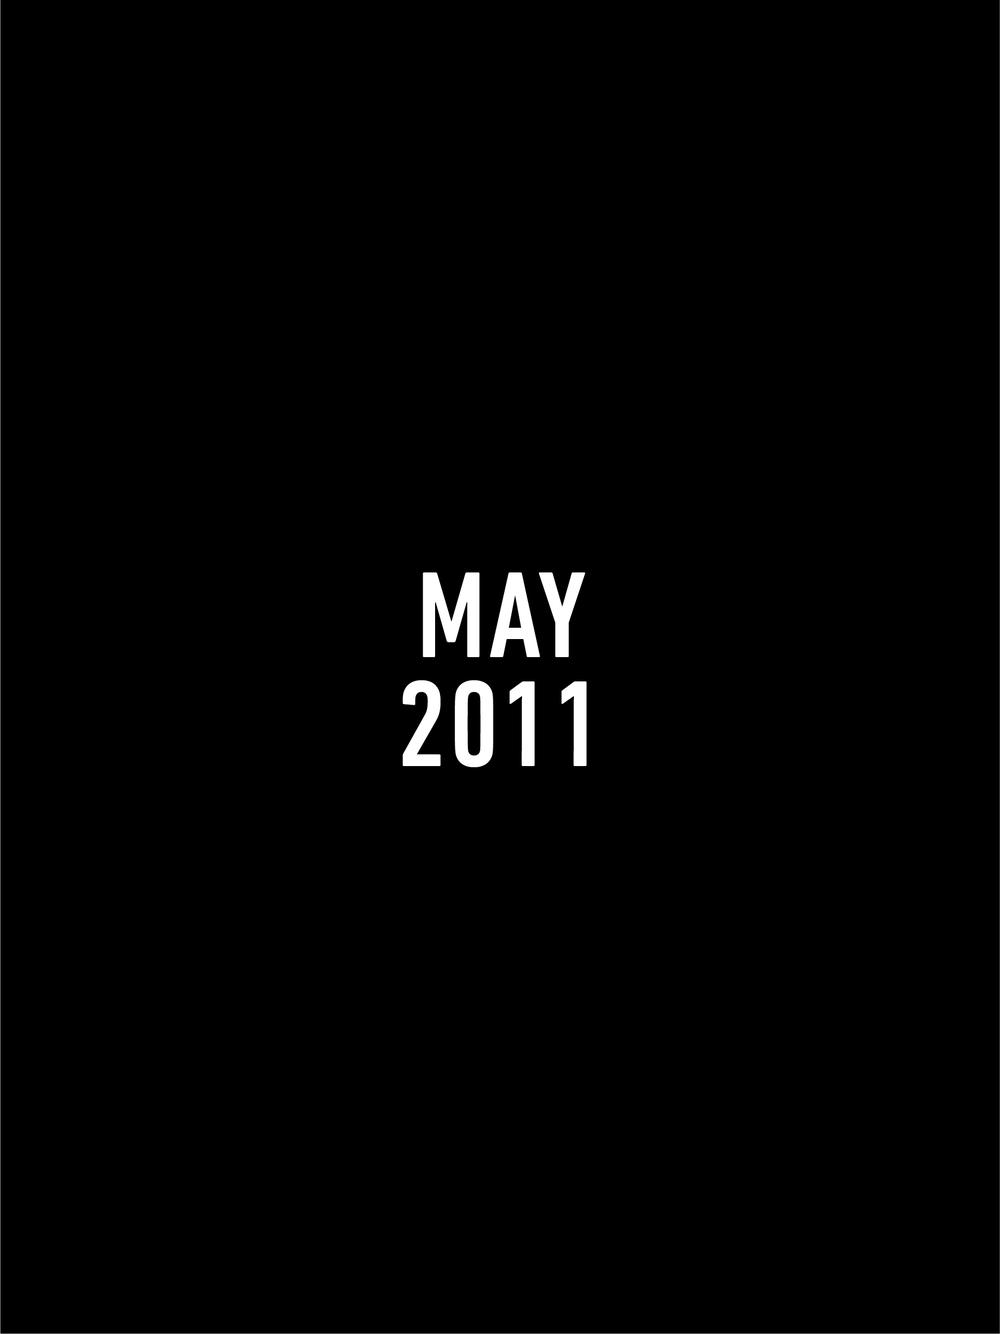 2011 months5.jpg